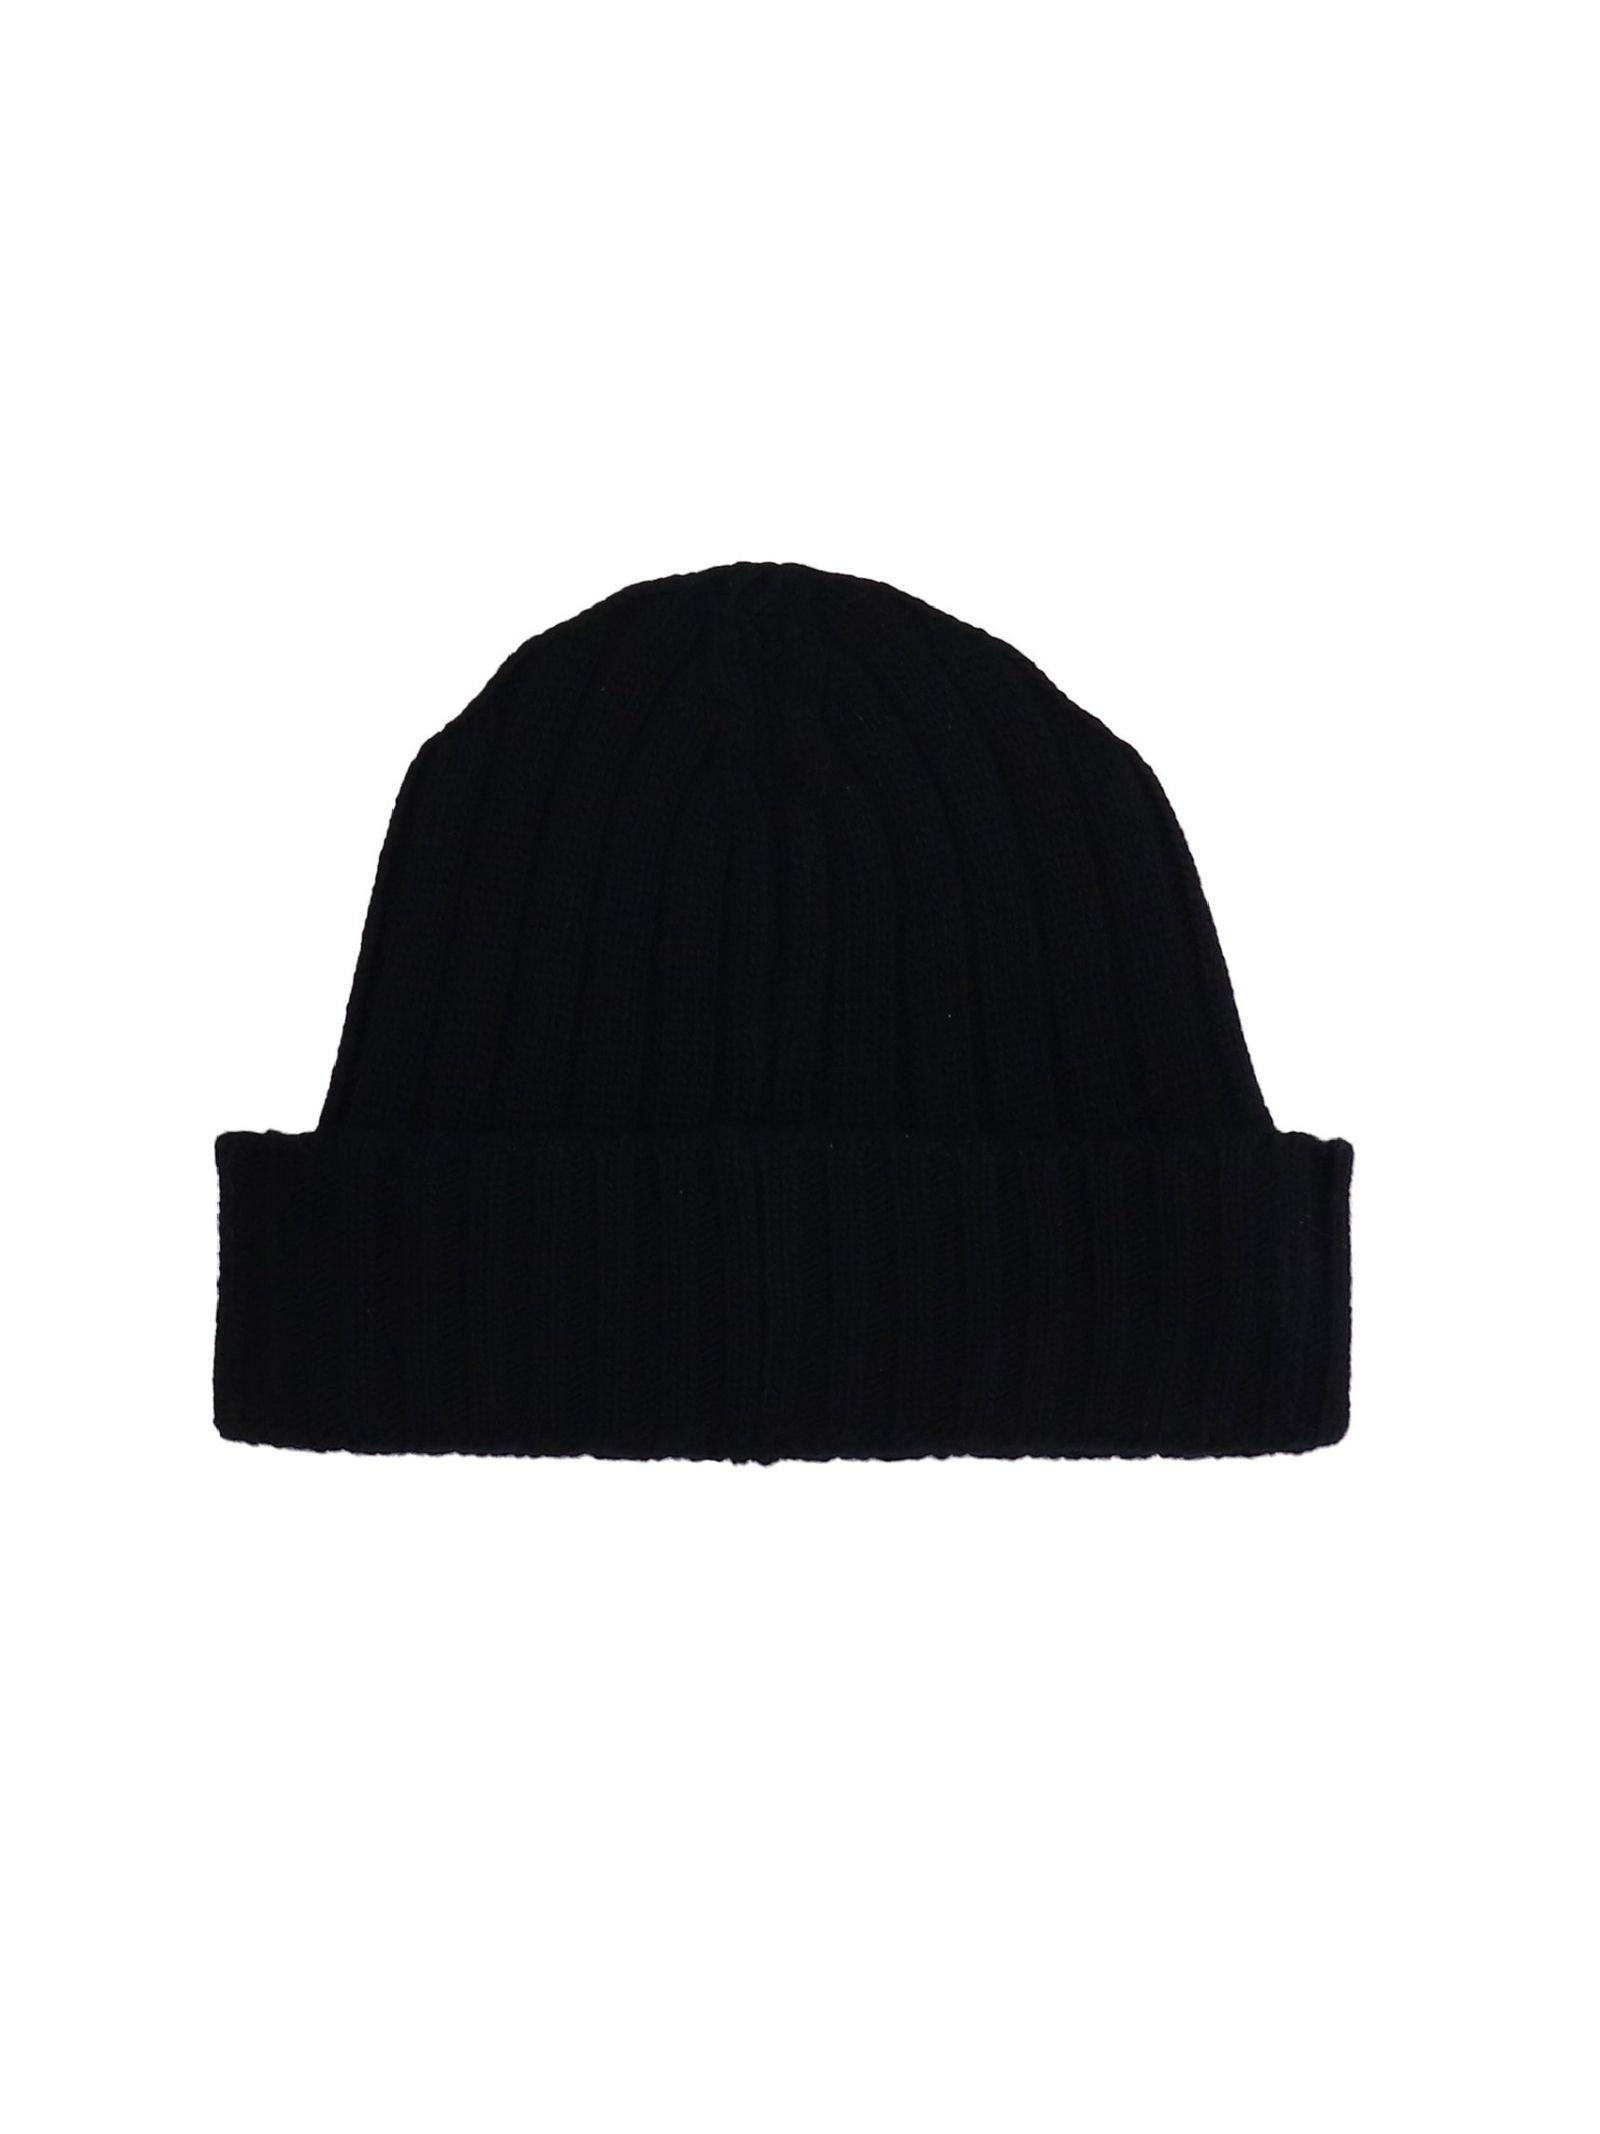 STONE ISLAND   Hats   7515N24B5V0029